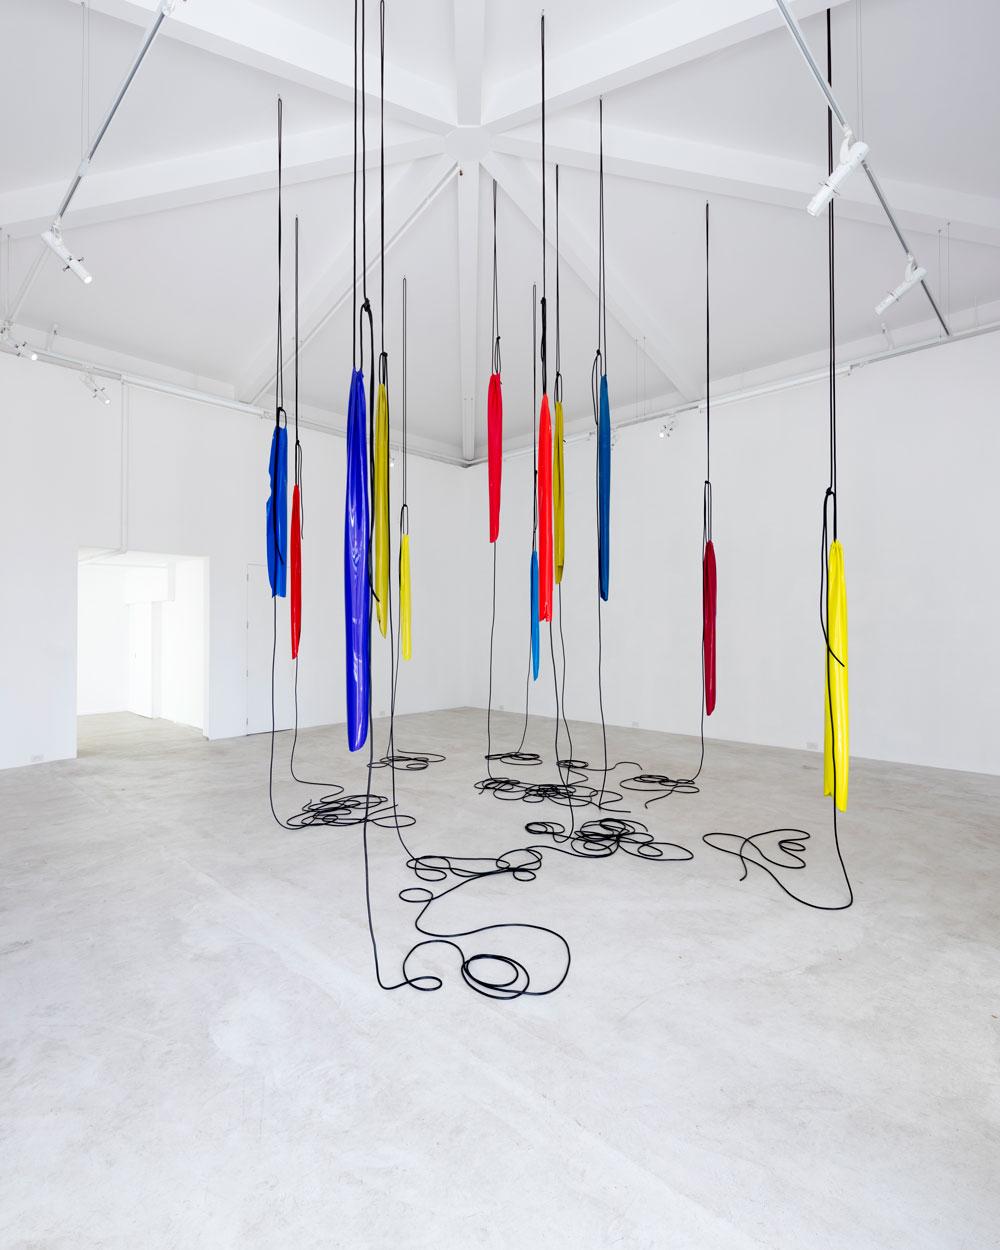 Gamut , Trish Clark Gallery, 2016